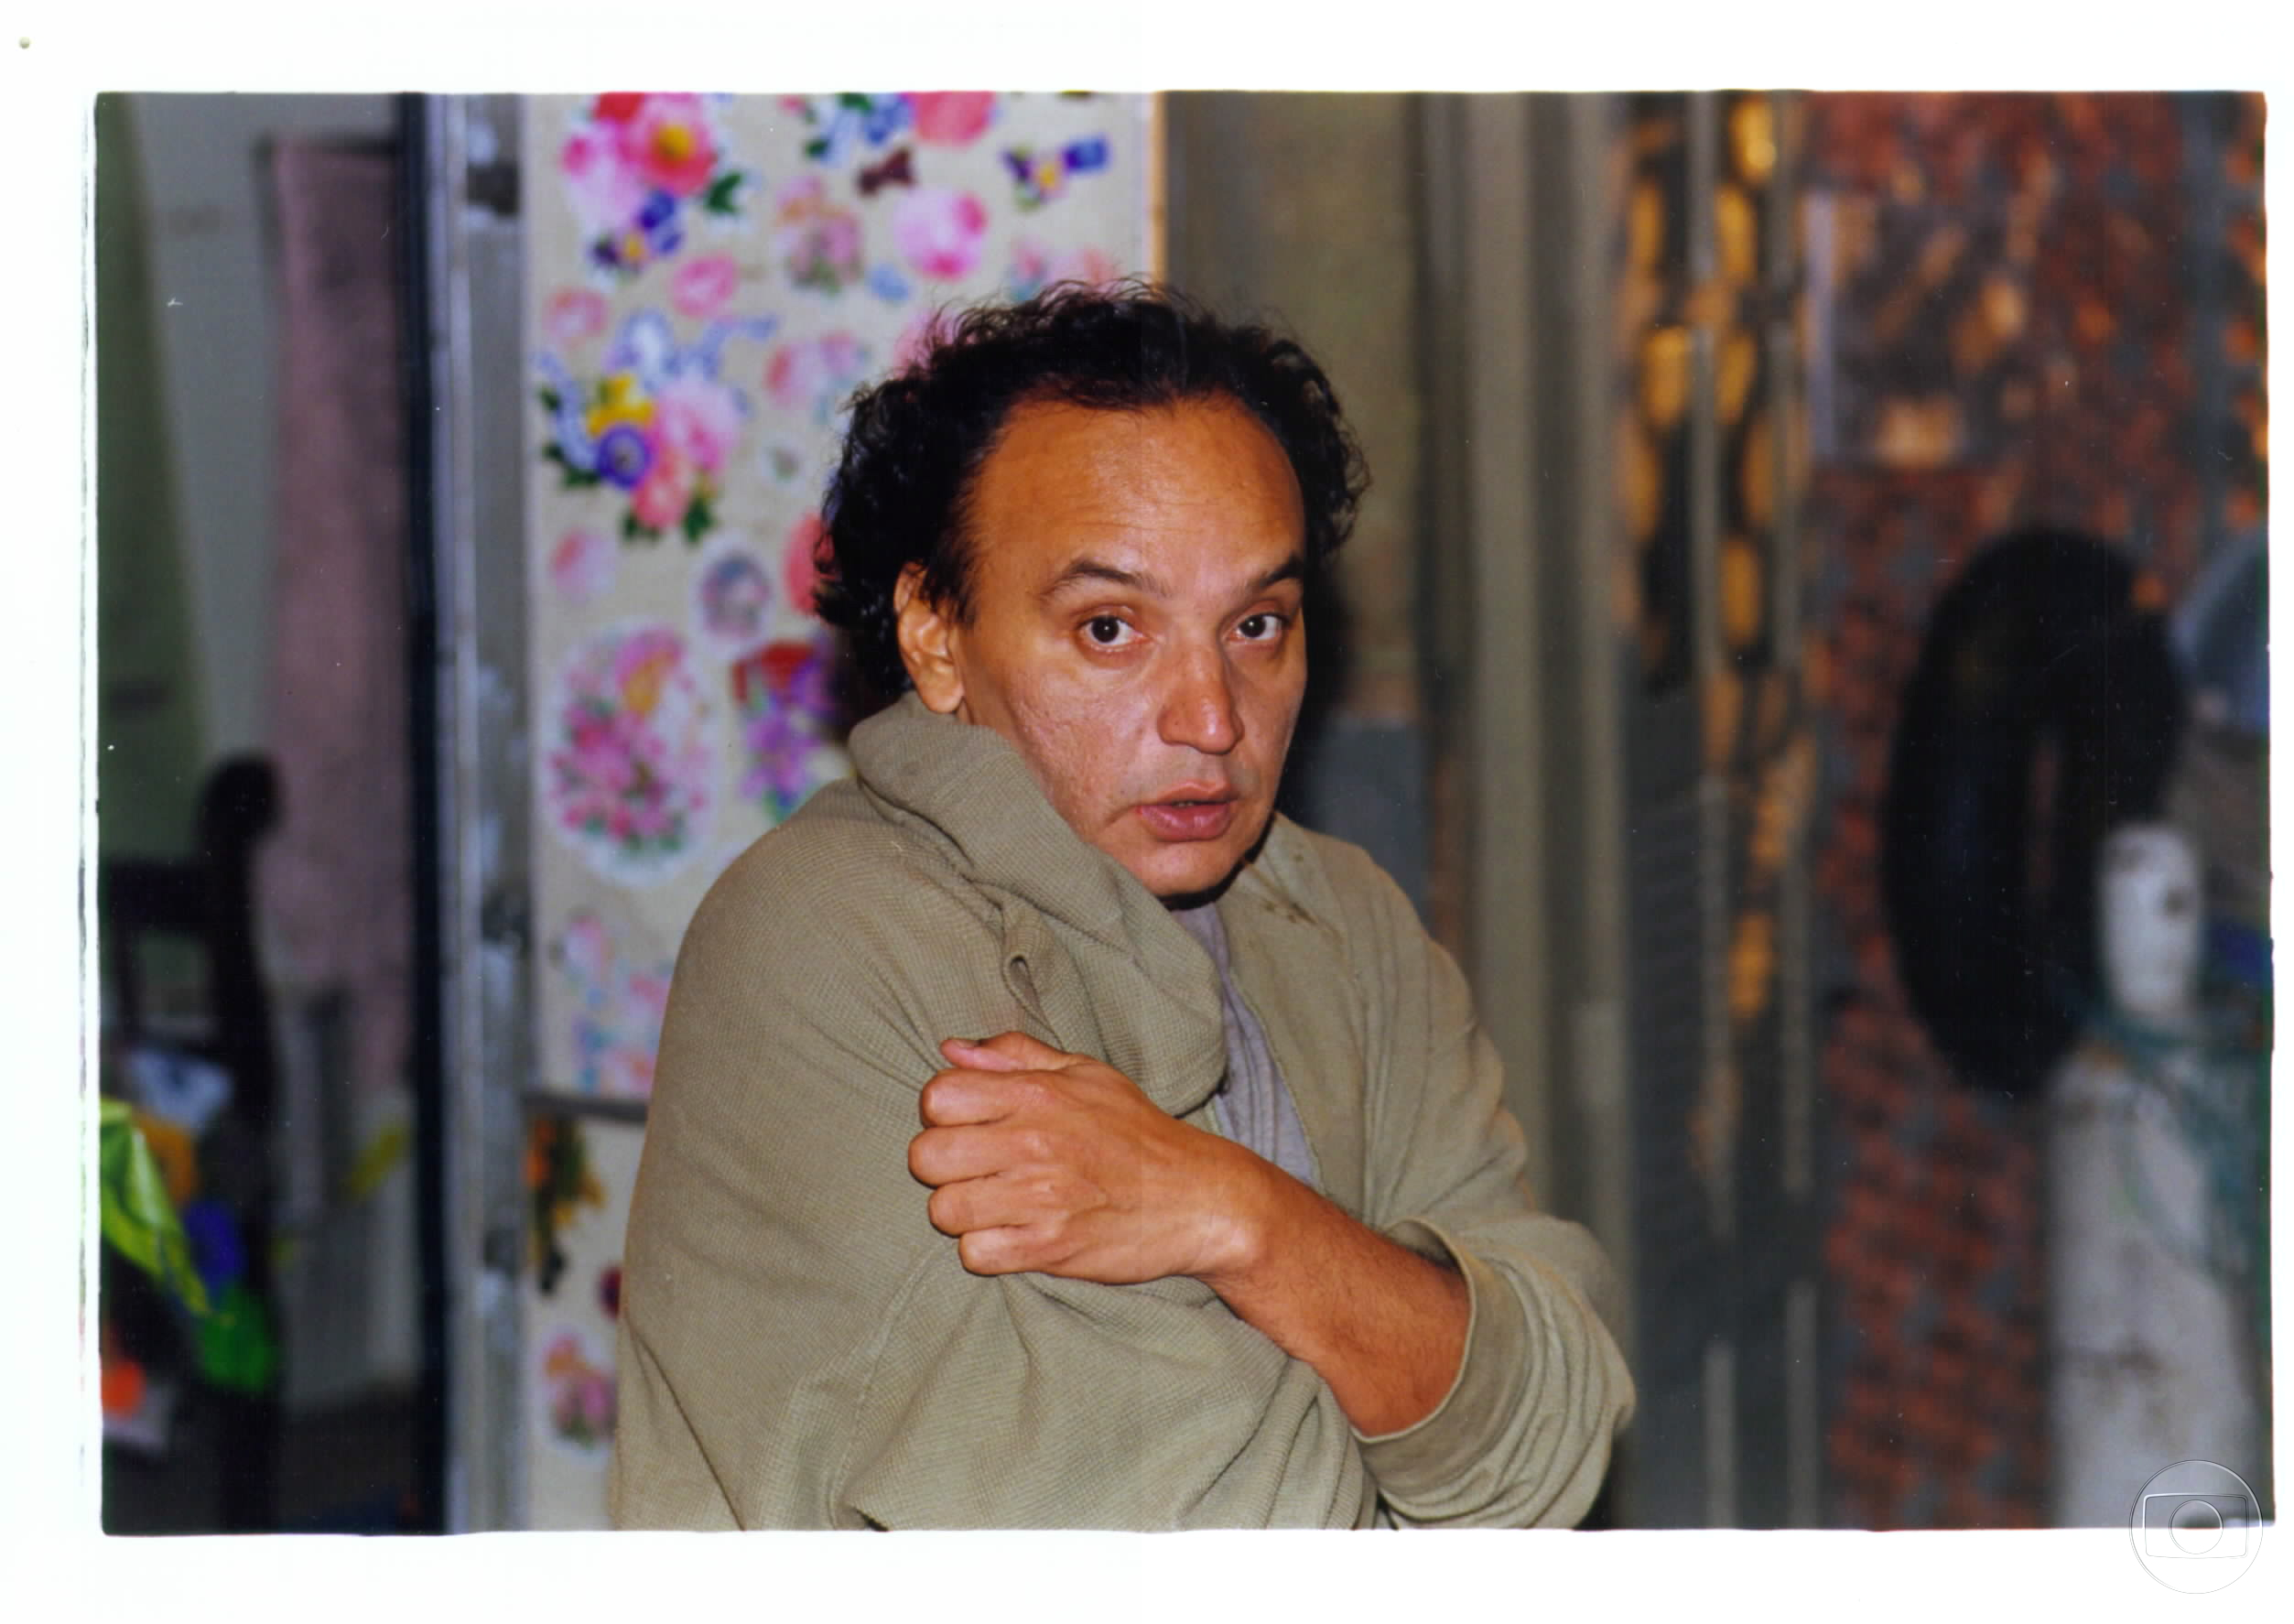 Ator Caca Carvalho, que viveu Jamanta na novela Torre de Babel. Crédito: Globo